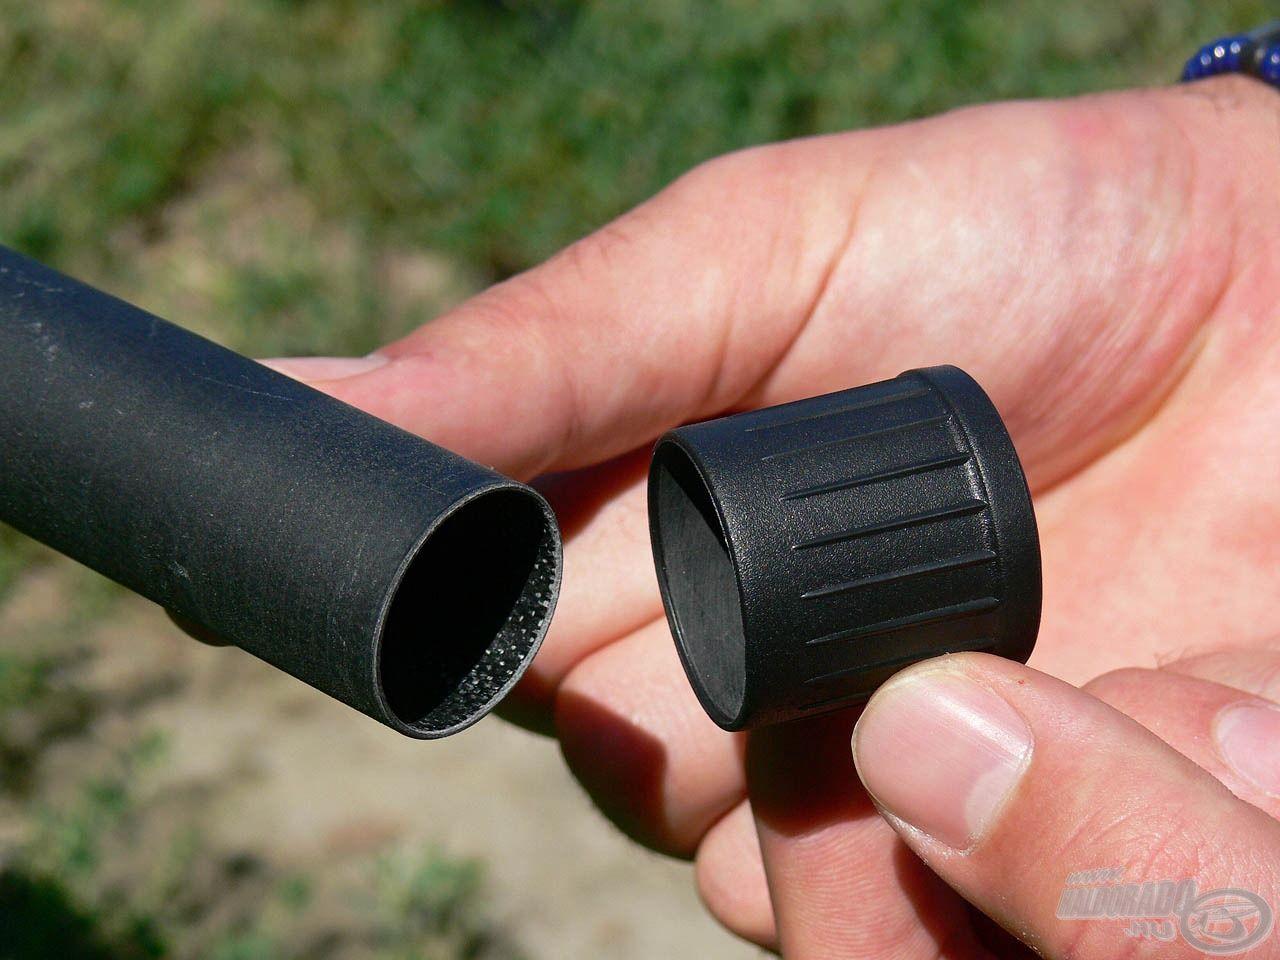 A Master Carp rakós merítő nyélhez 2 db gumi gyorskupak tartozik, melyek pillanatok alatt levehetők és felhelyezhetők, így meggyorsítják a nyél összerakását, szétszedését